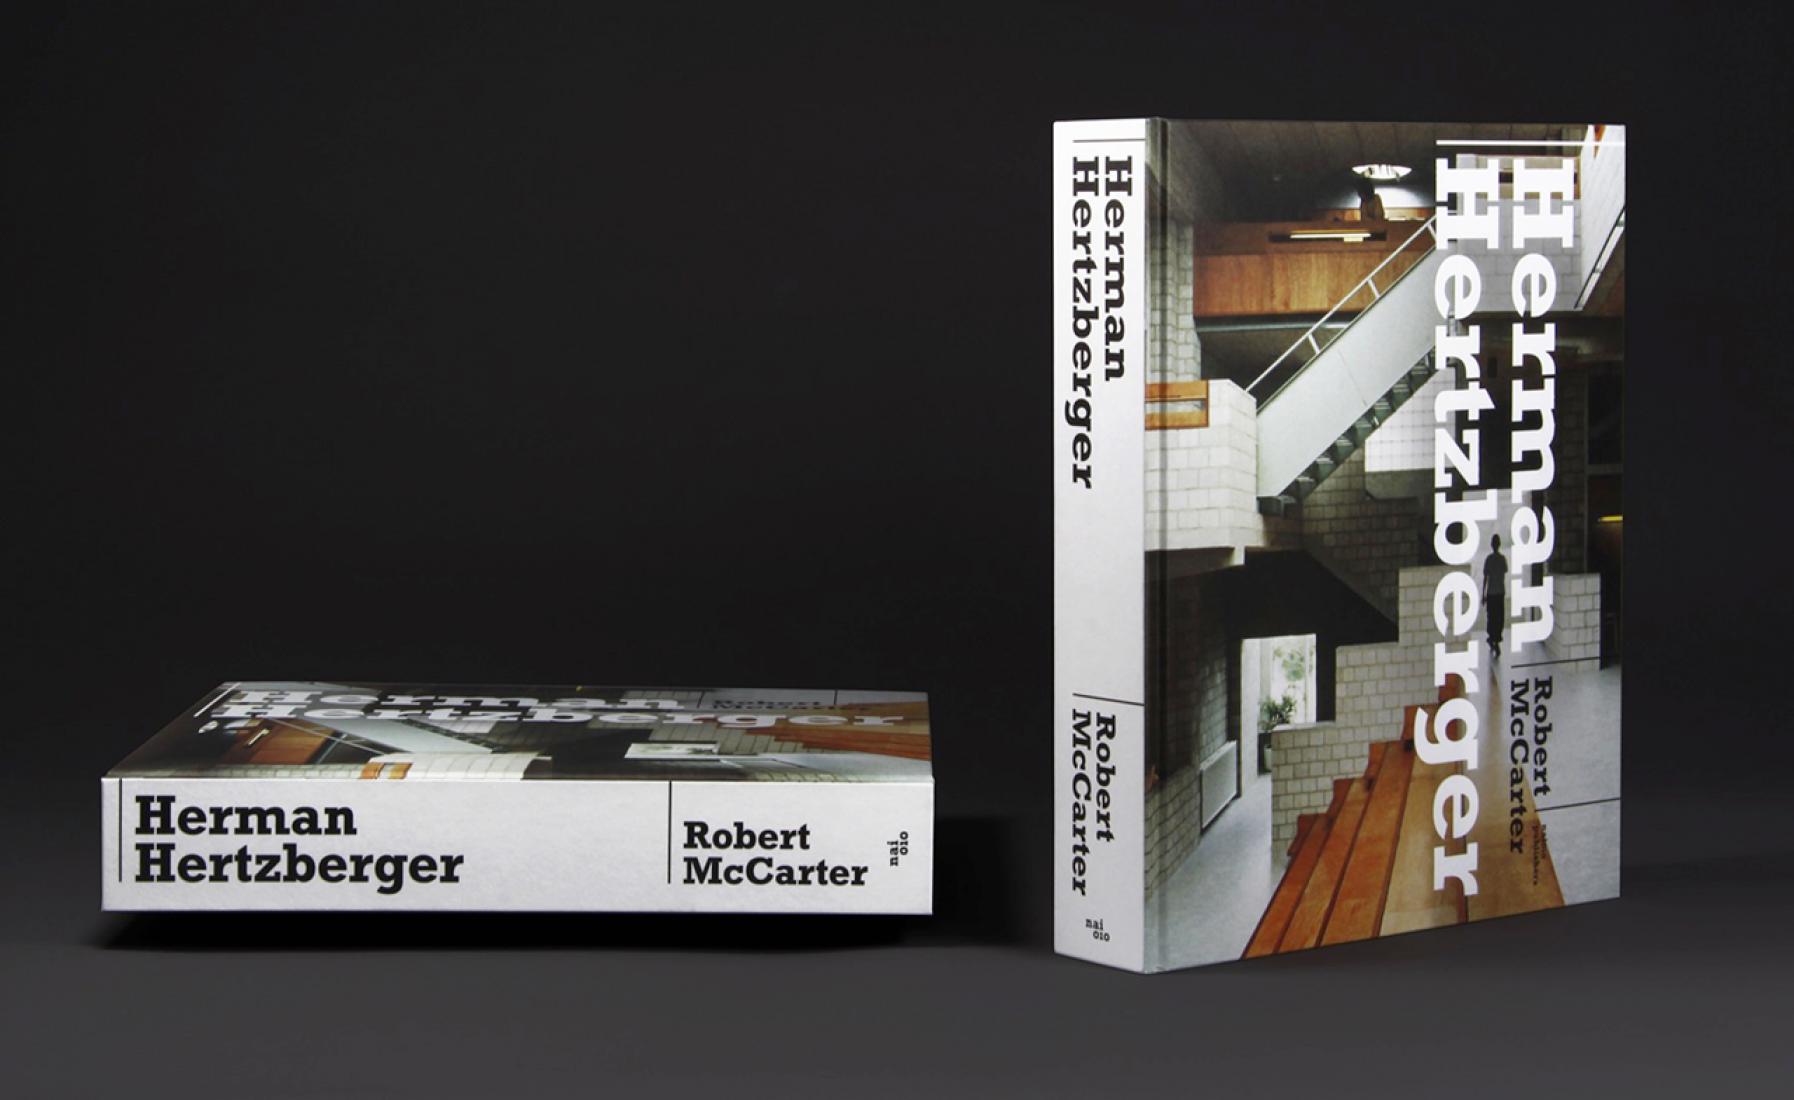 Portada. Herman Hertzberger por Robert McCarter. Imagen © Beukers Scholma.